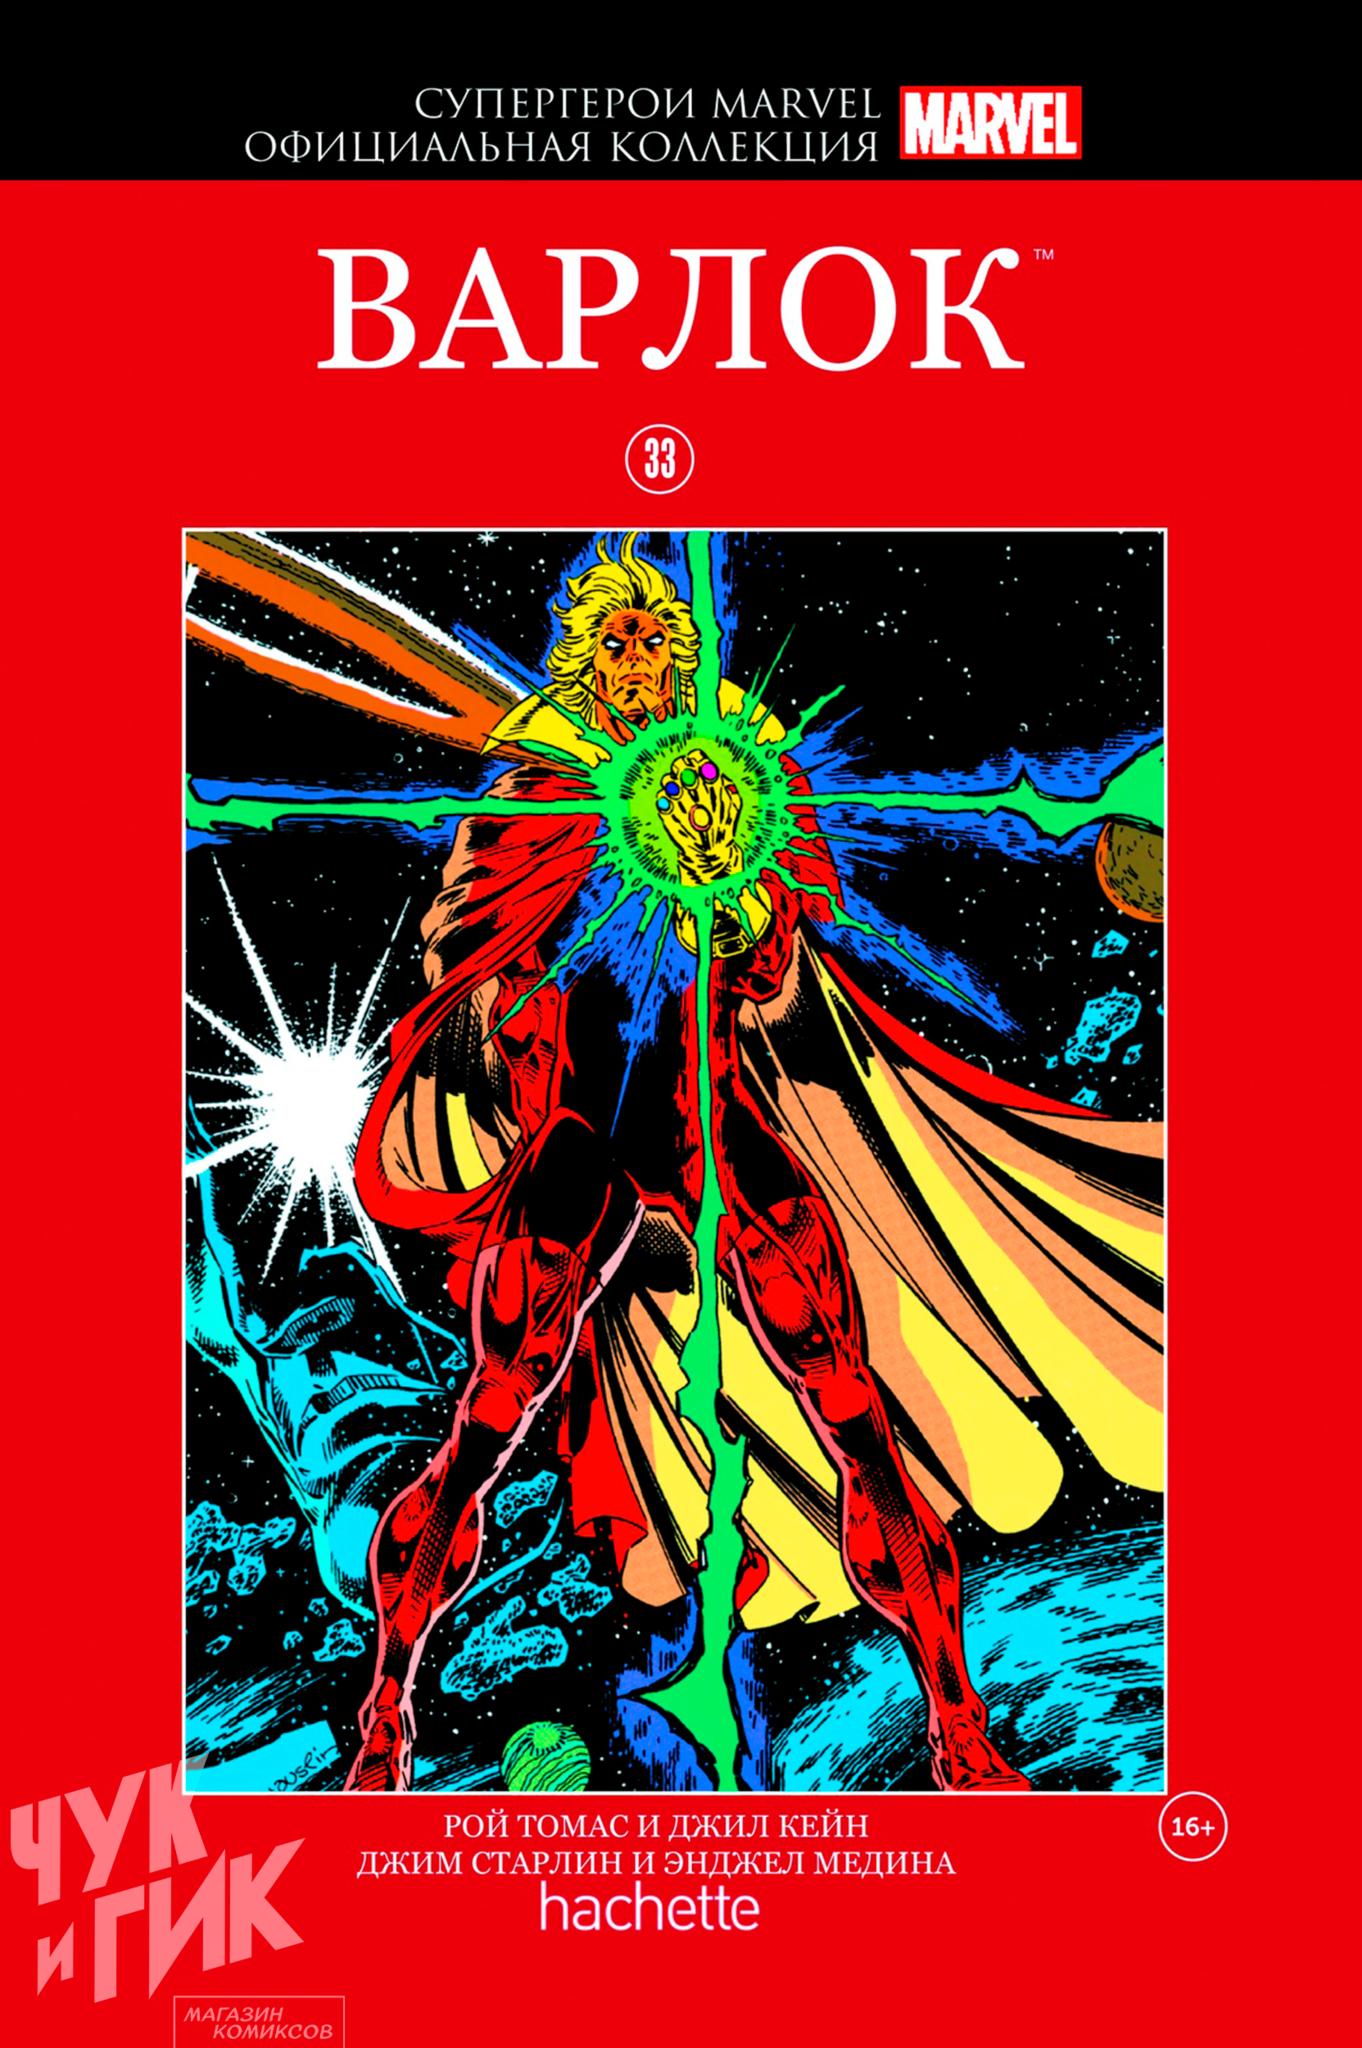 Супергерои Marvel. Официальная коллекция №33. Адам Варлок